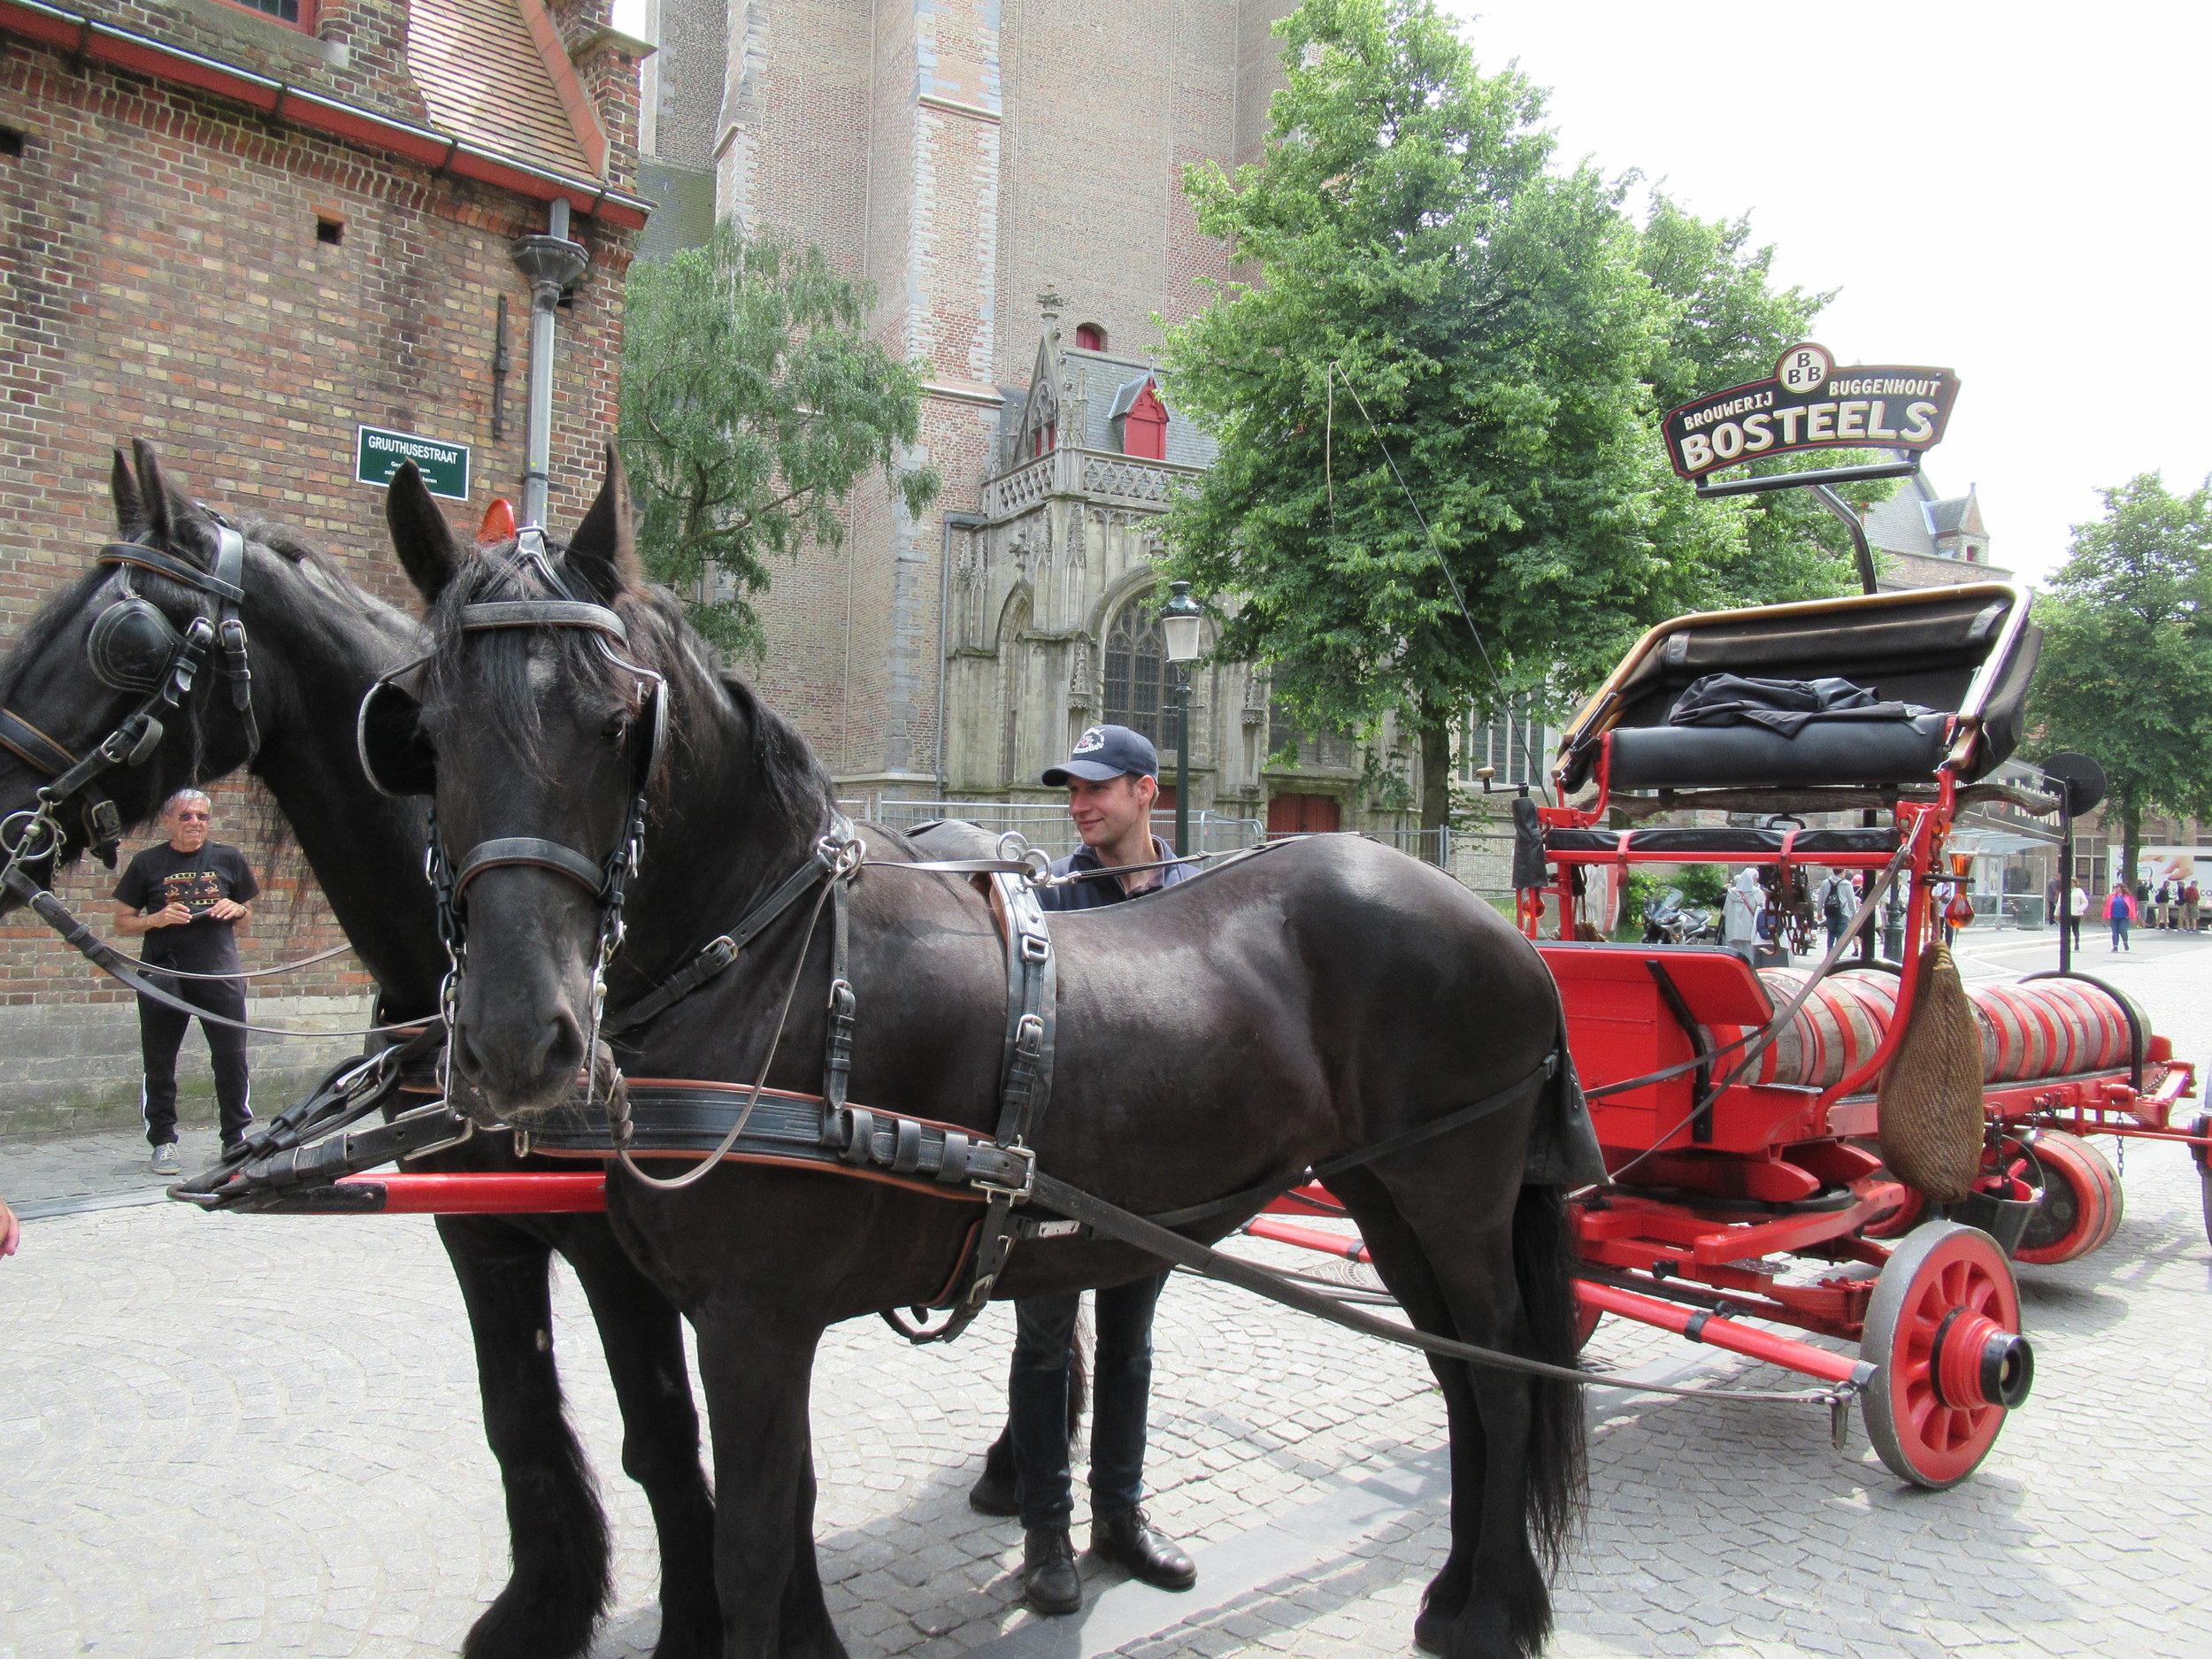 Beer delivery in Bruges